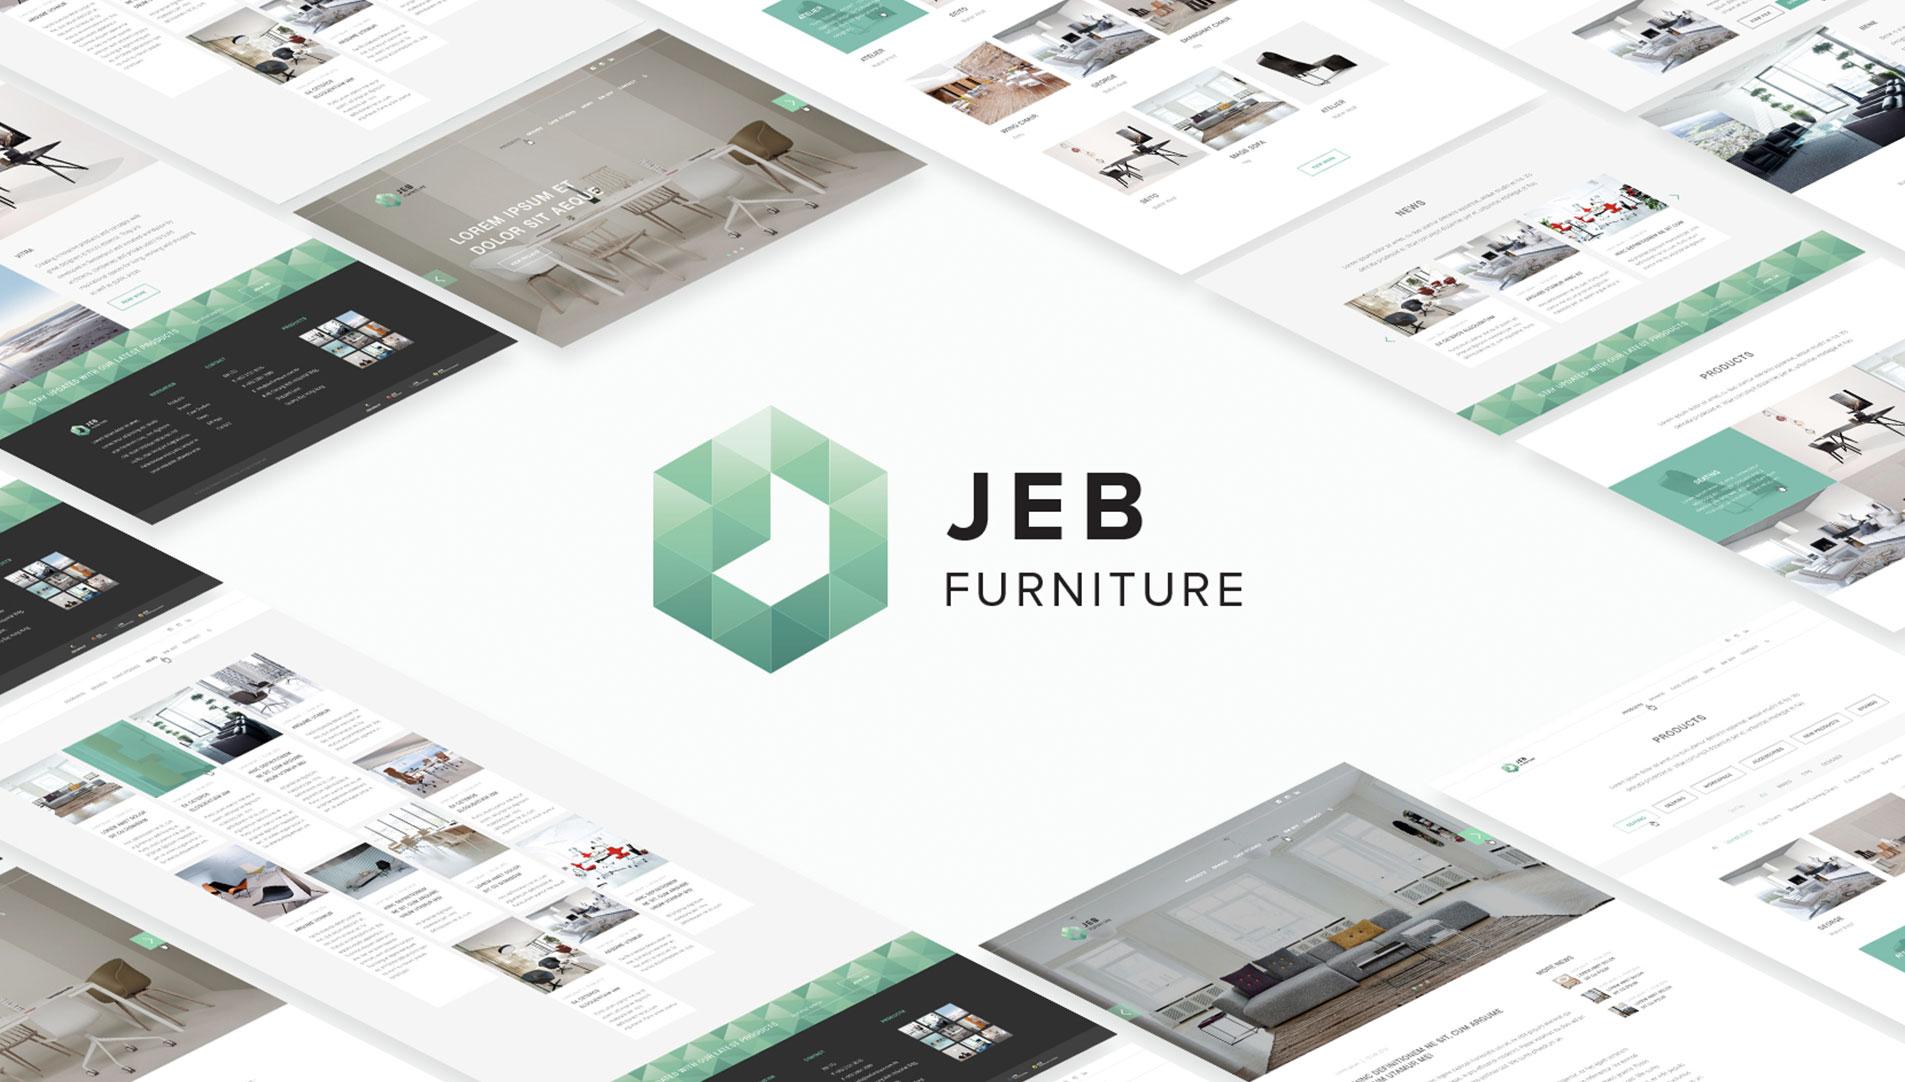 web design hk jeb slideshow 00